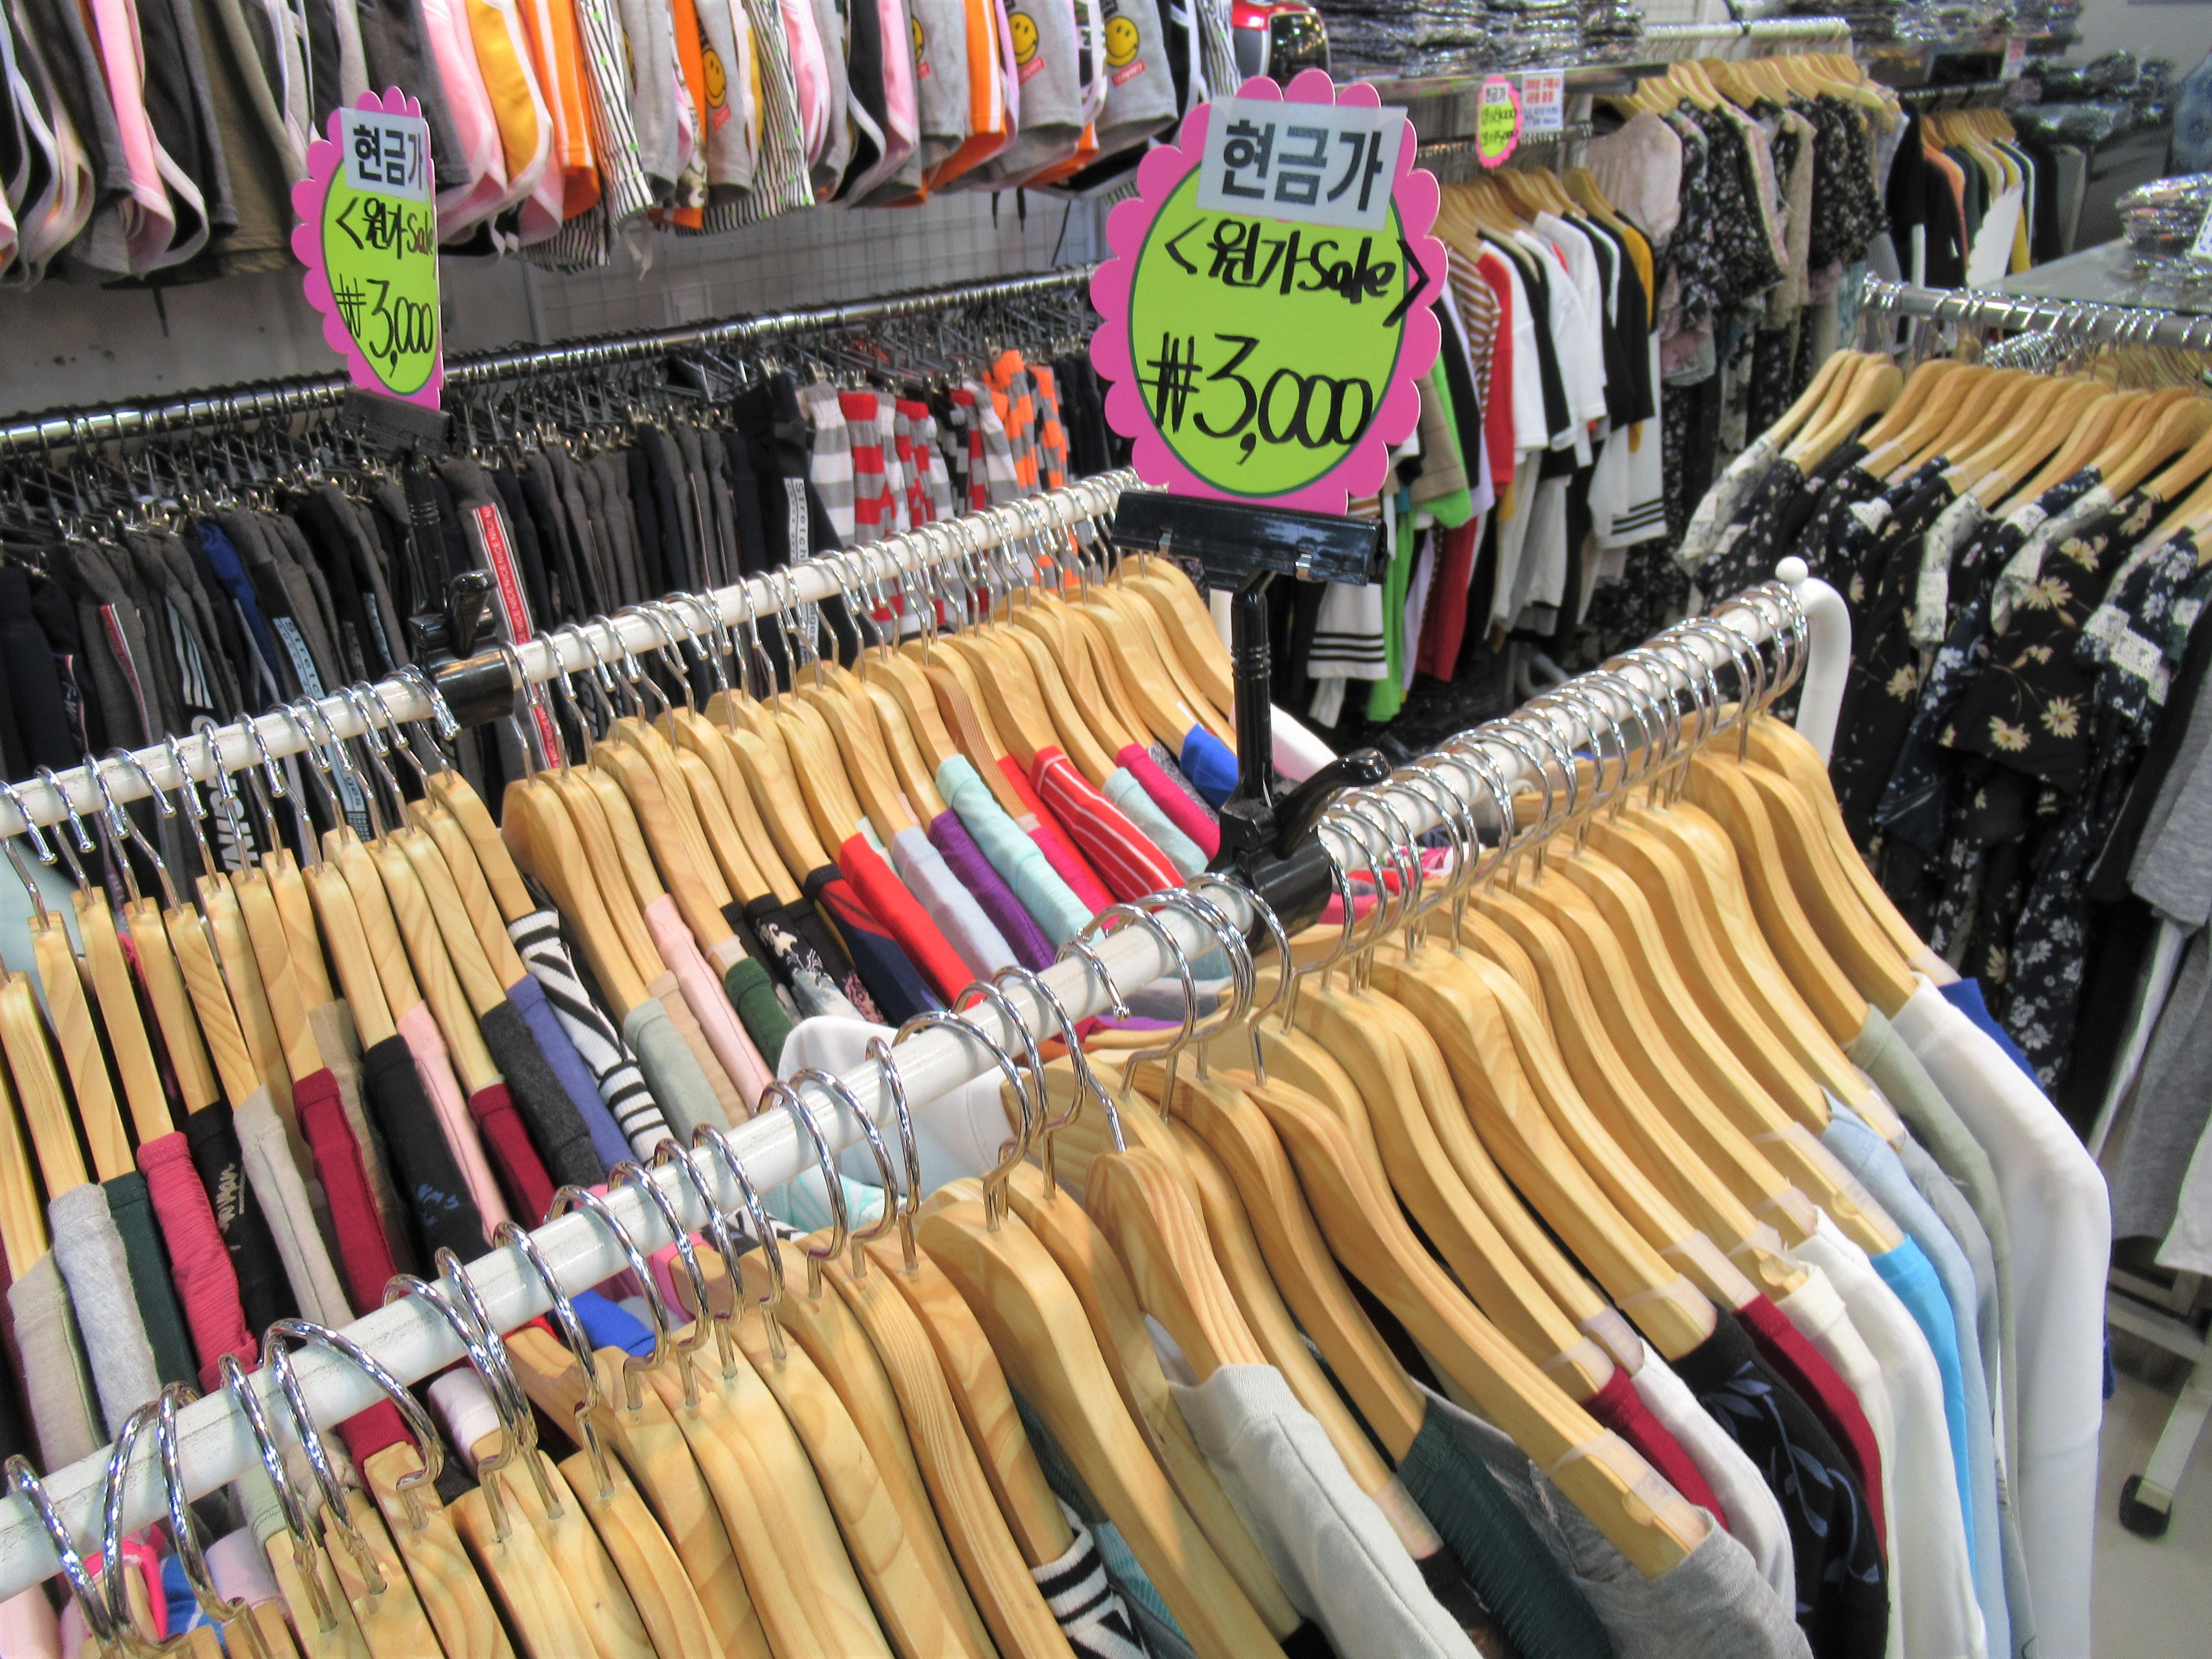 釜山でオススメなお土産☆南浦洞は服や靴下がソウルより安い|韓国ブログ旅